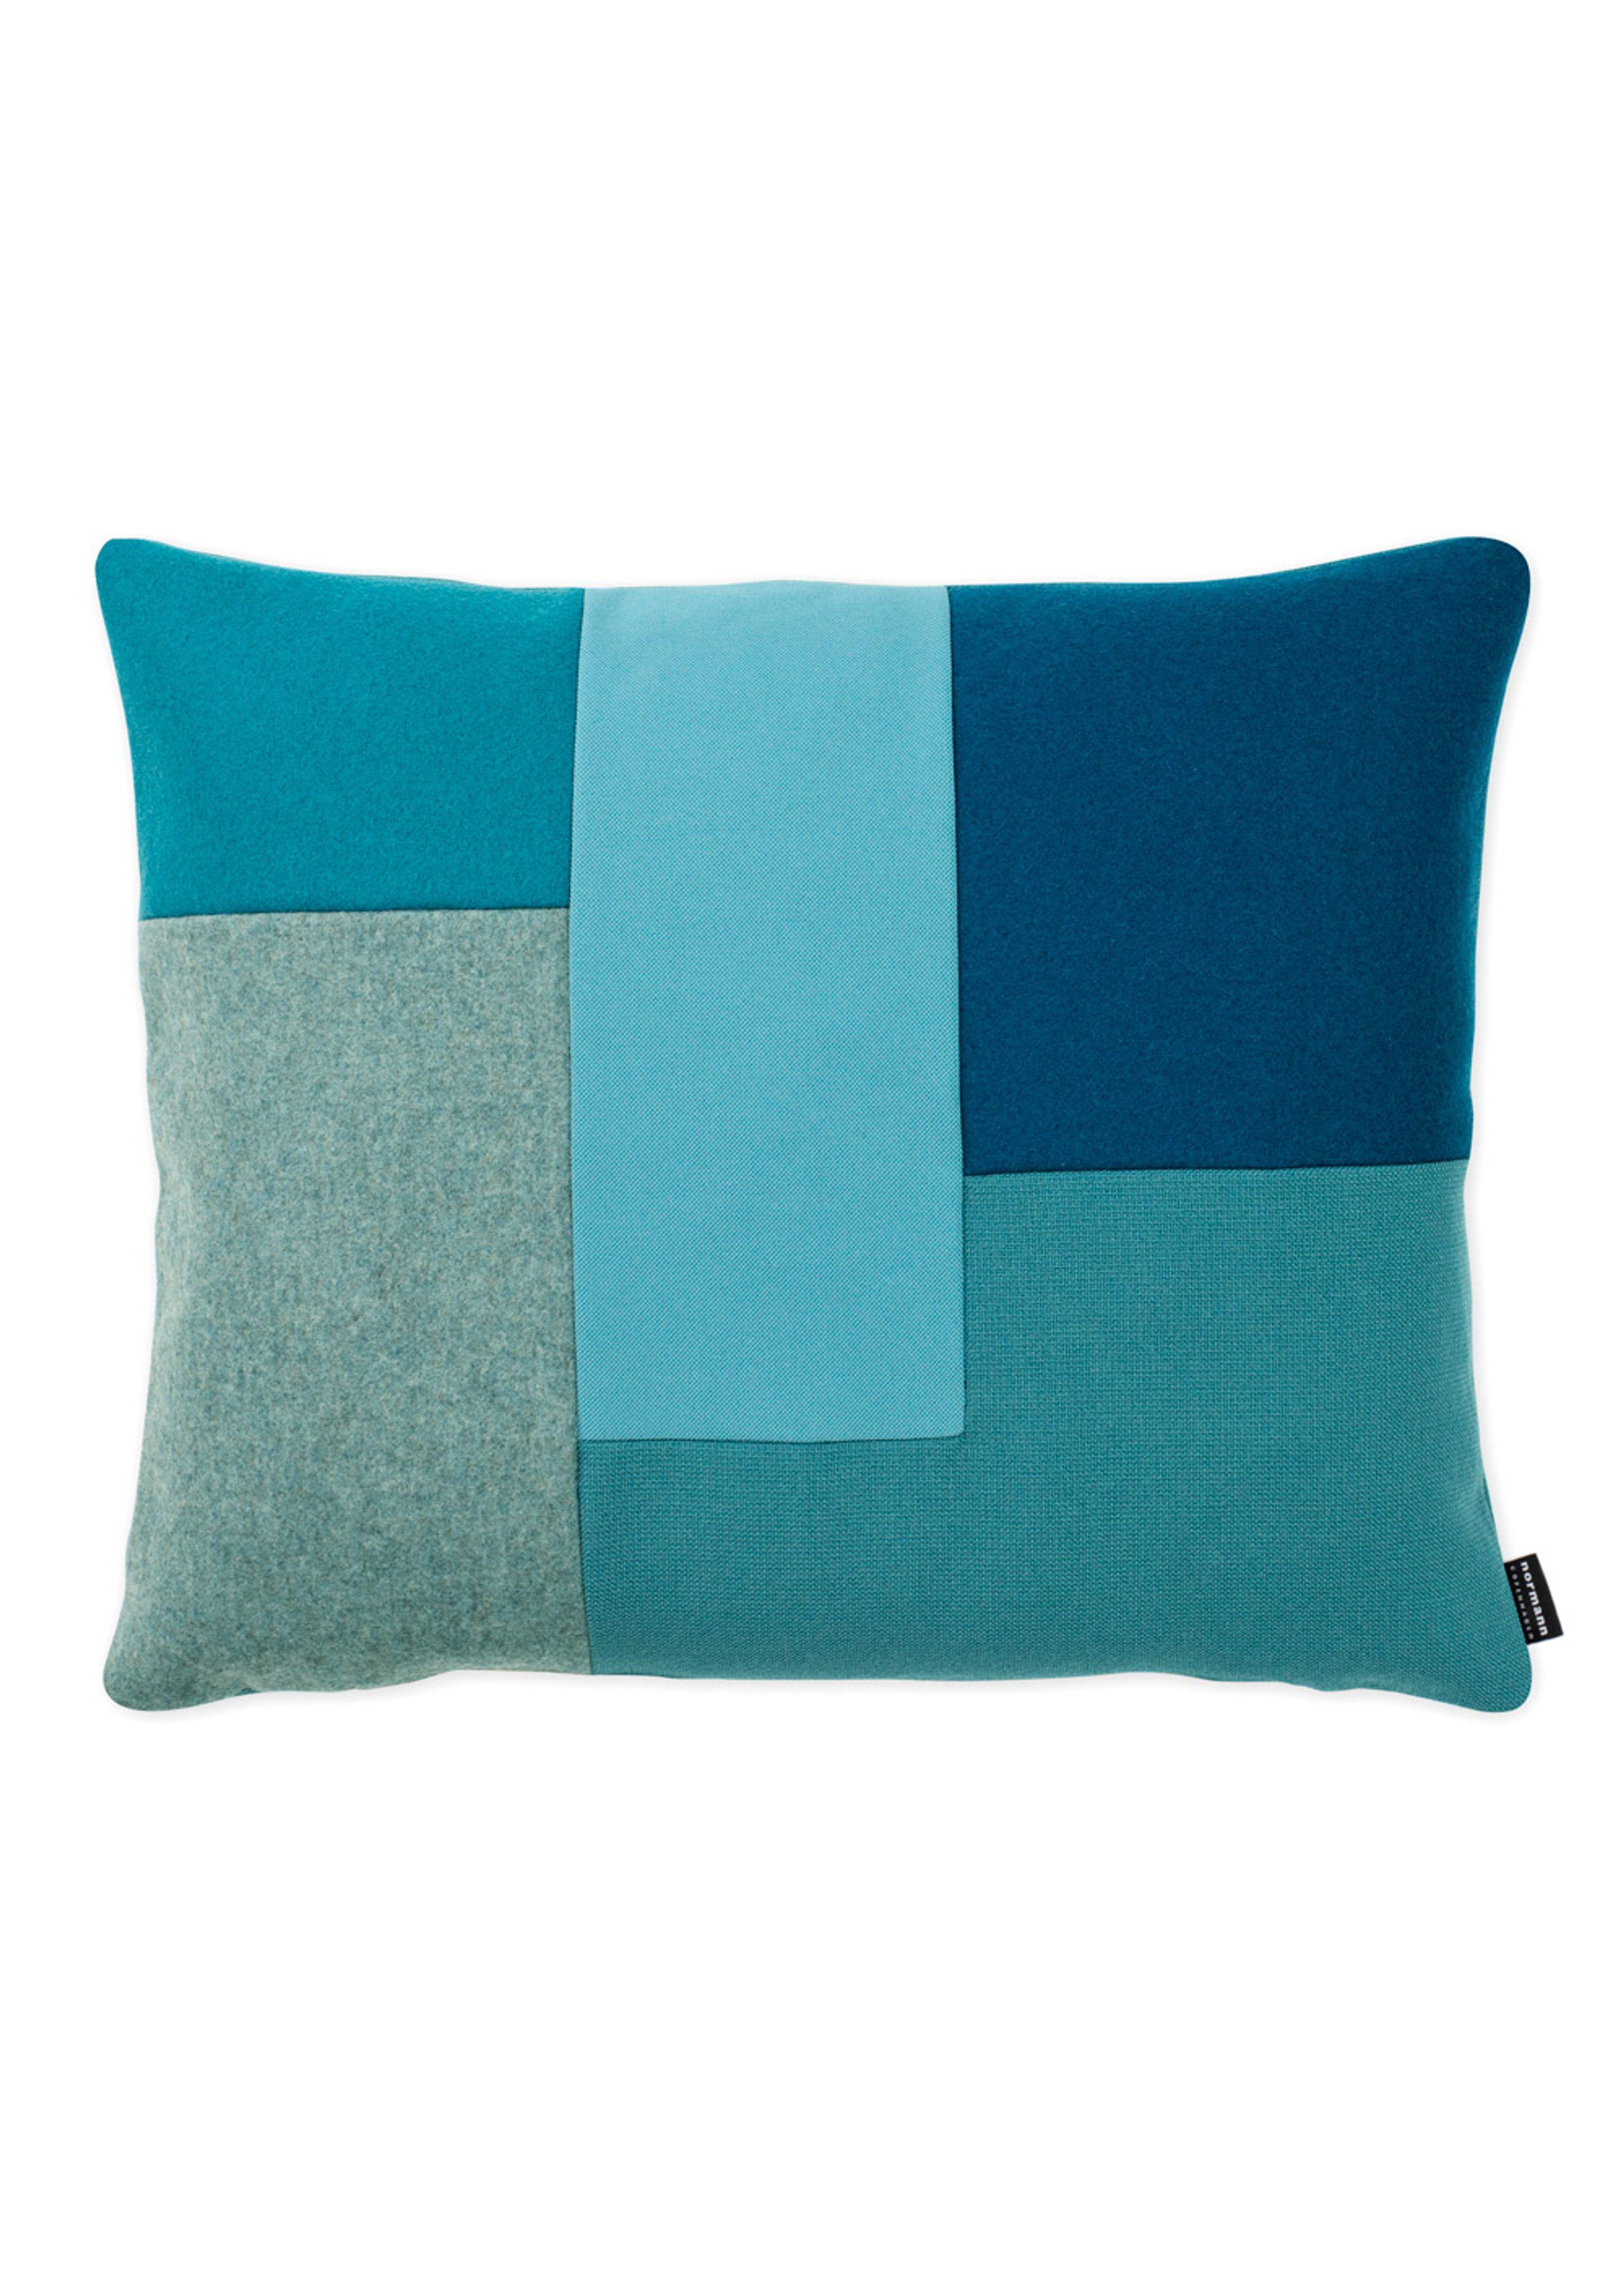 Image of   Brick Cushion